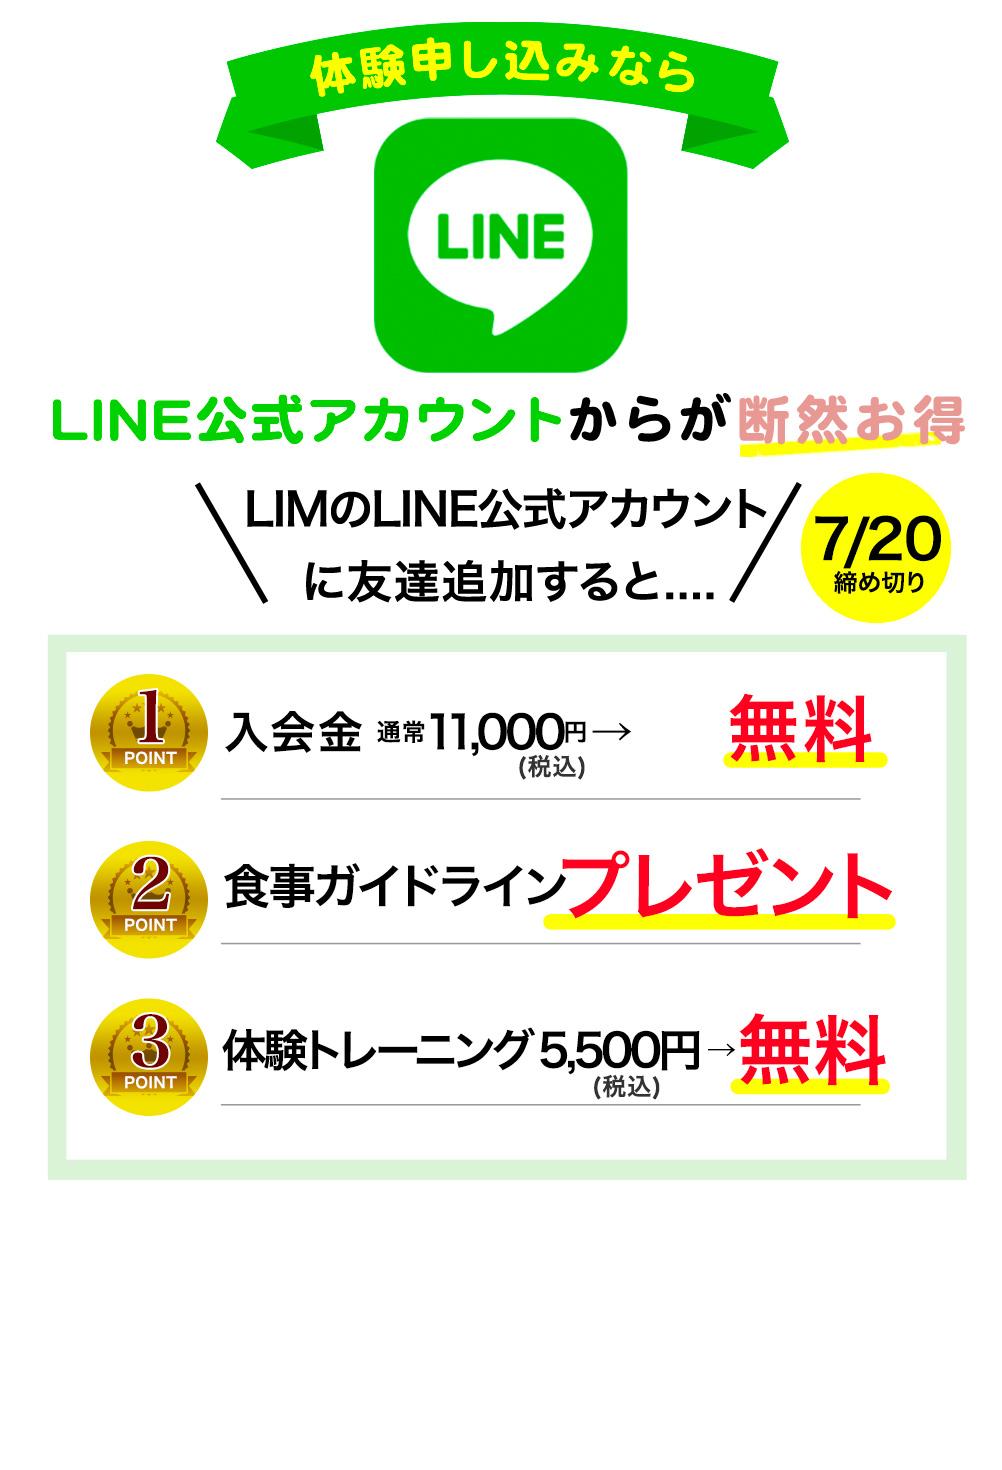 LINE公式アカウントなら